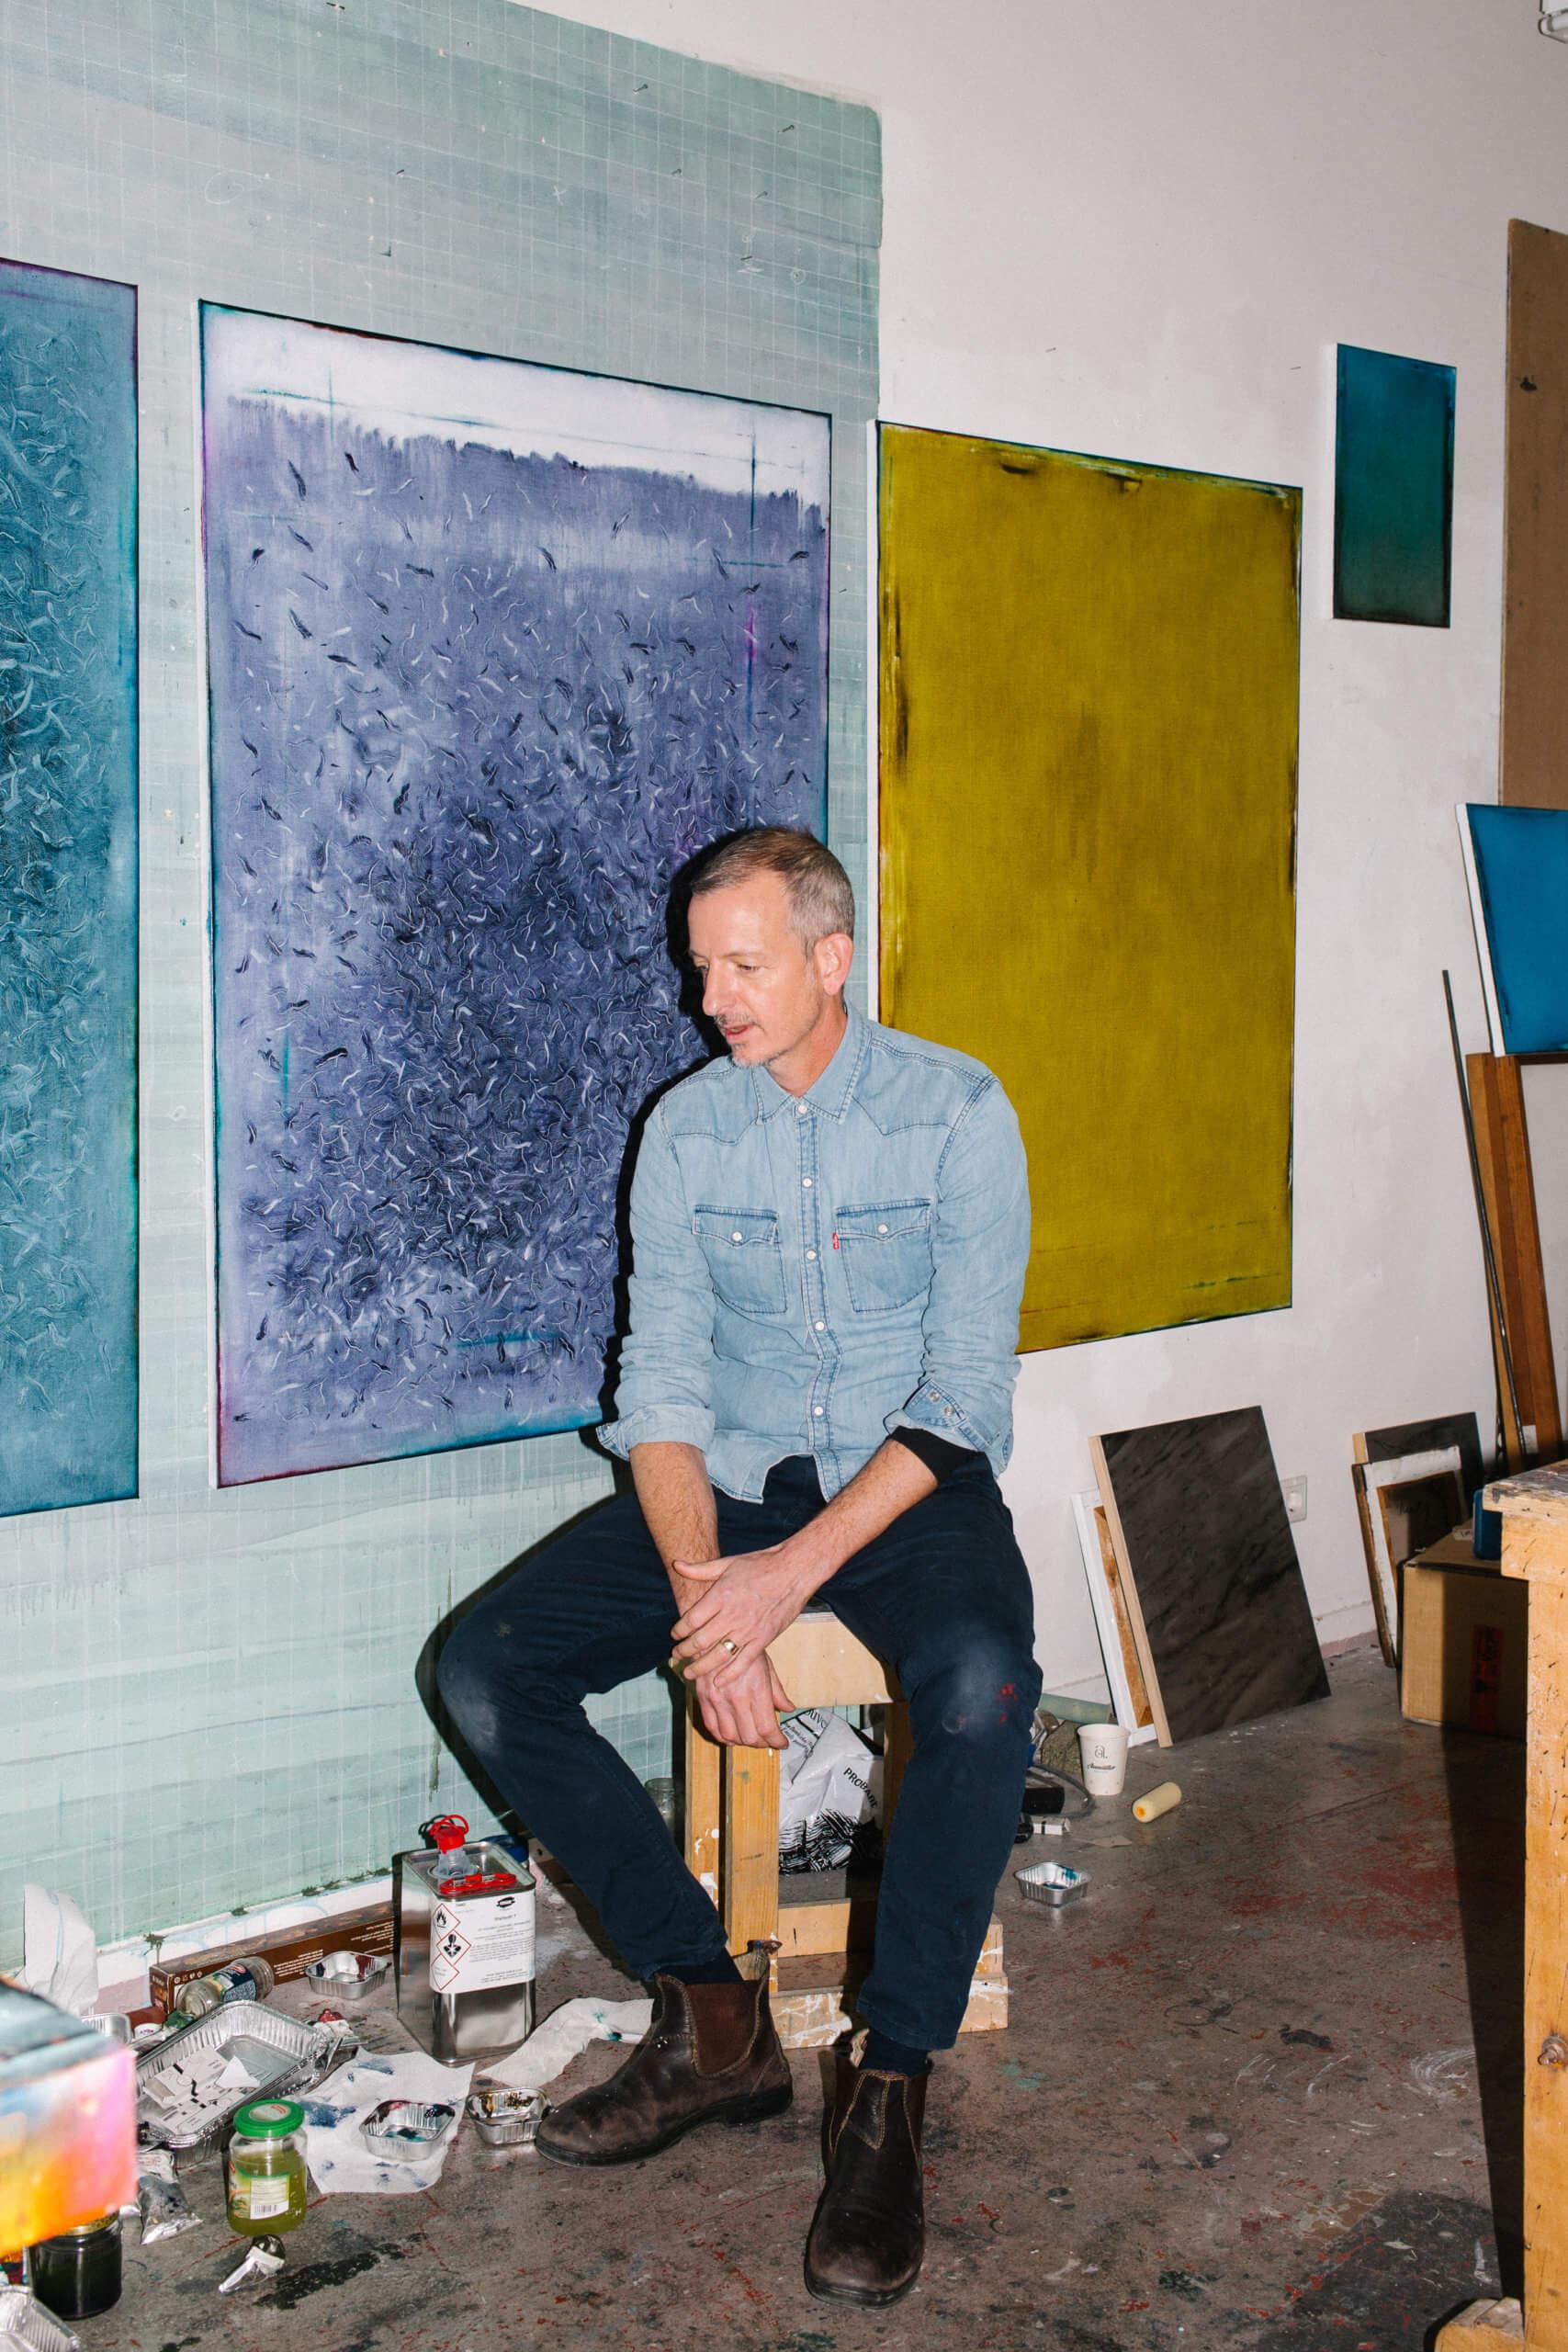 Duncan Swann sitz auf einem Kocker in seinem Atelier, vor abstrakten Acrygemäöden, die an der Wand hängen.